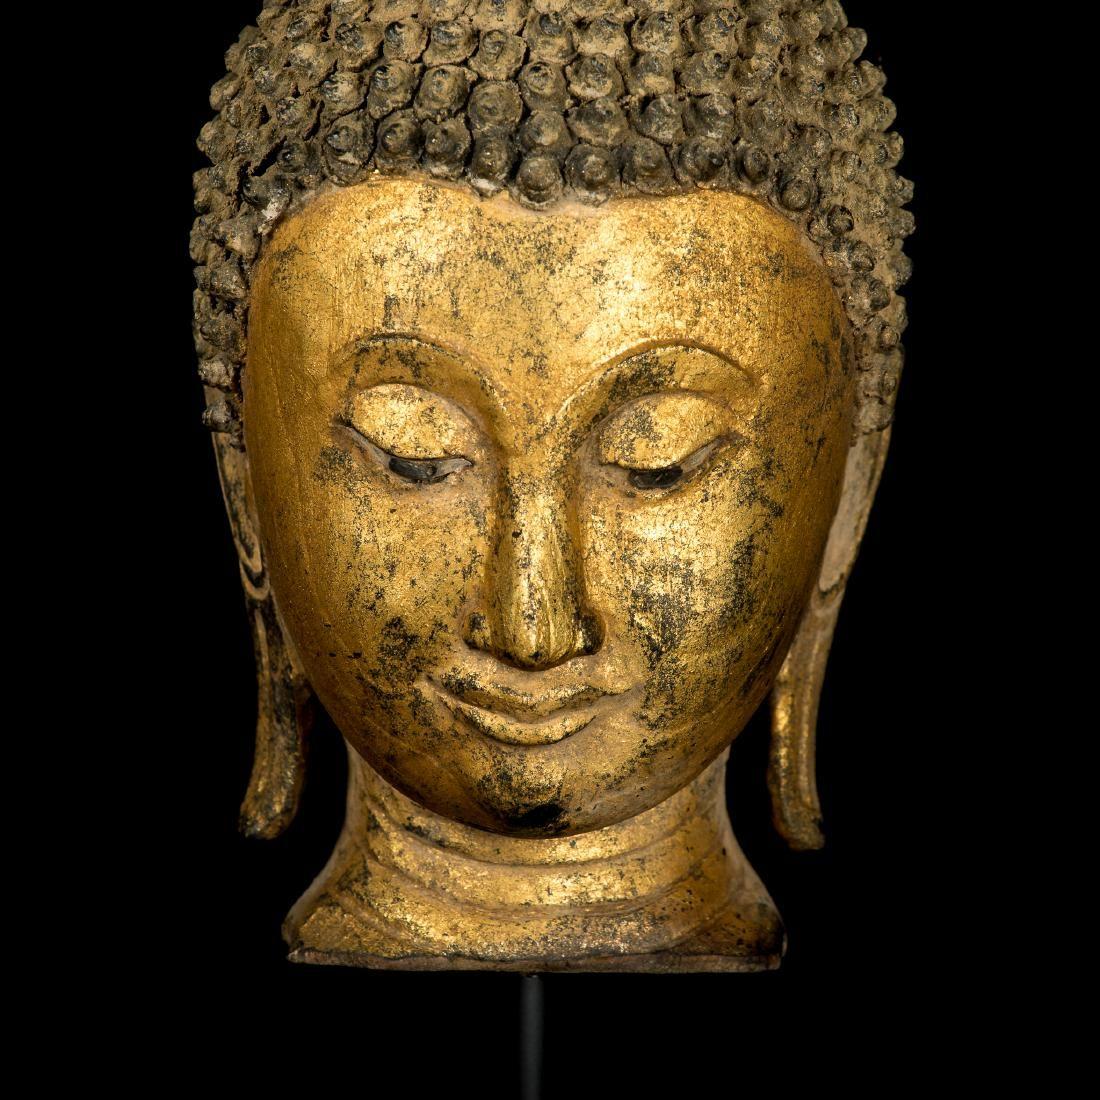 18th Century Sukhothai Gold Gilt Buddha Head Feb 15 2019 Hd Asian Art In United Kingdom